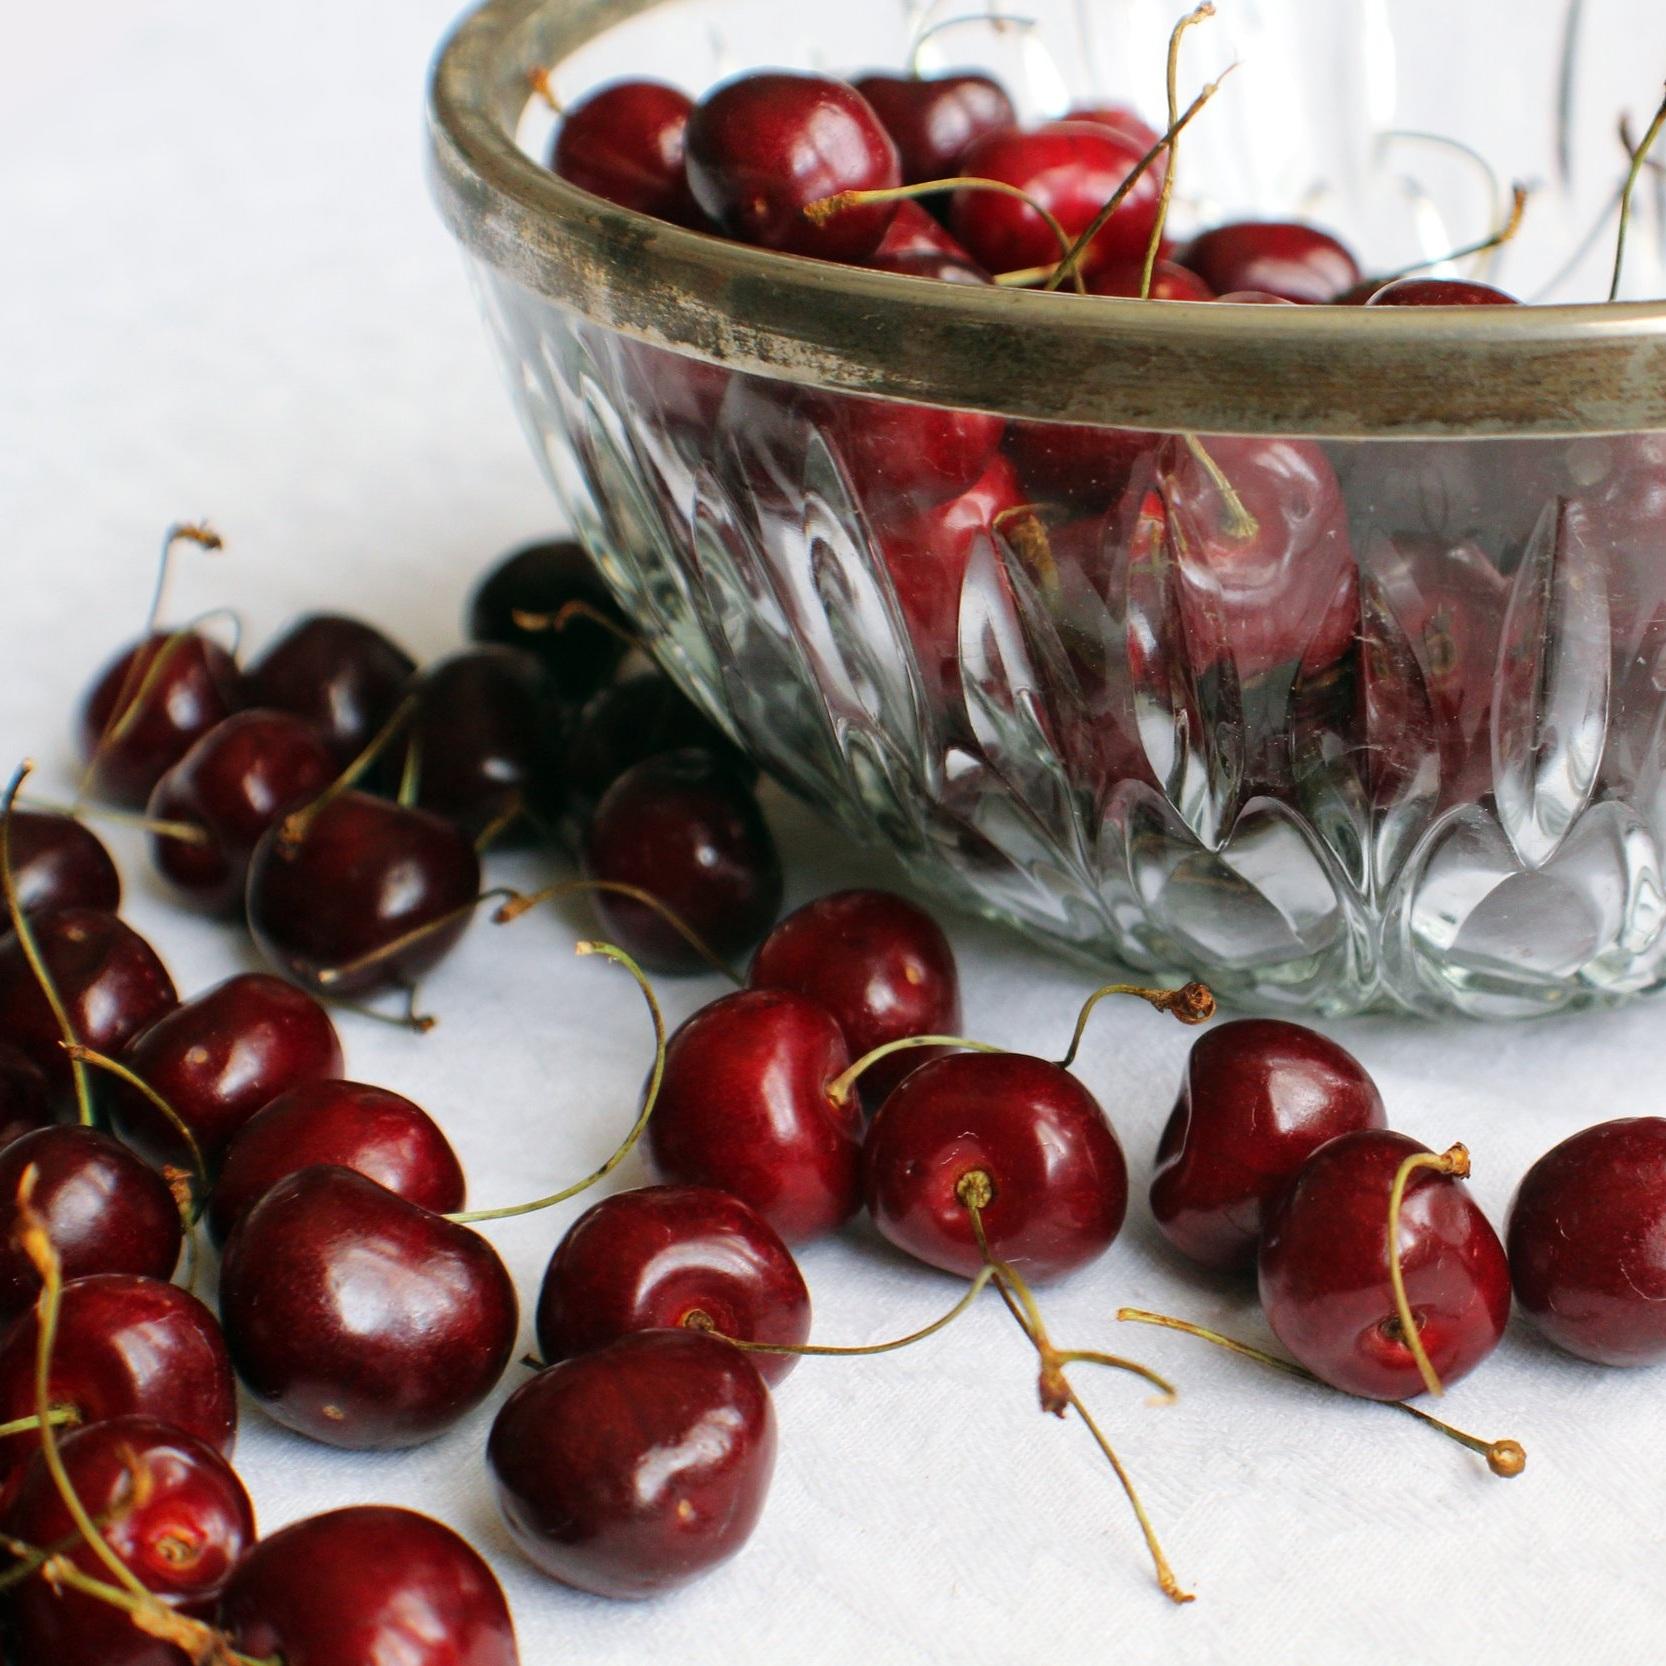 cherries-in-a-bowl.jpg